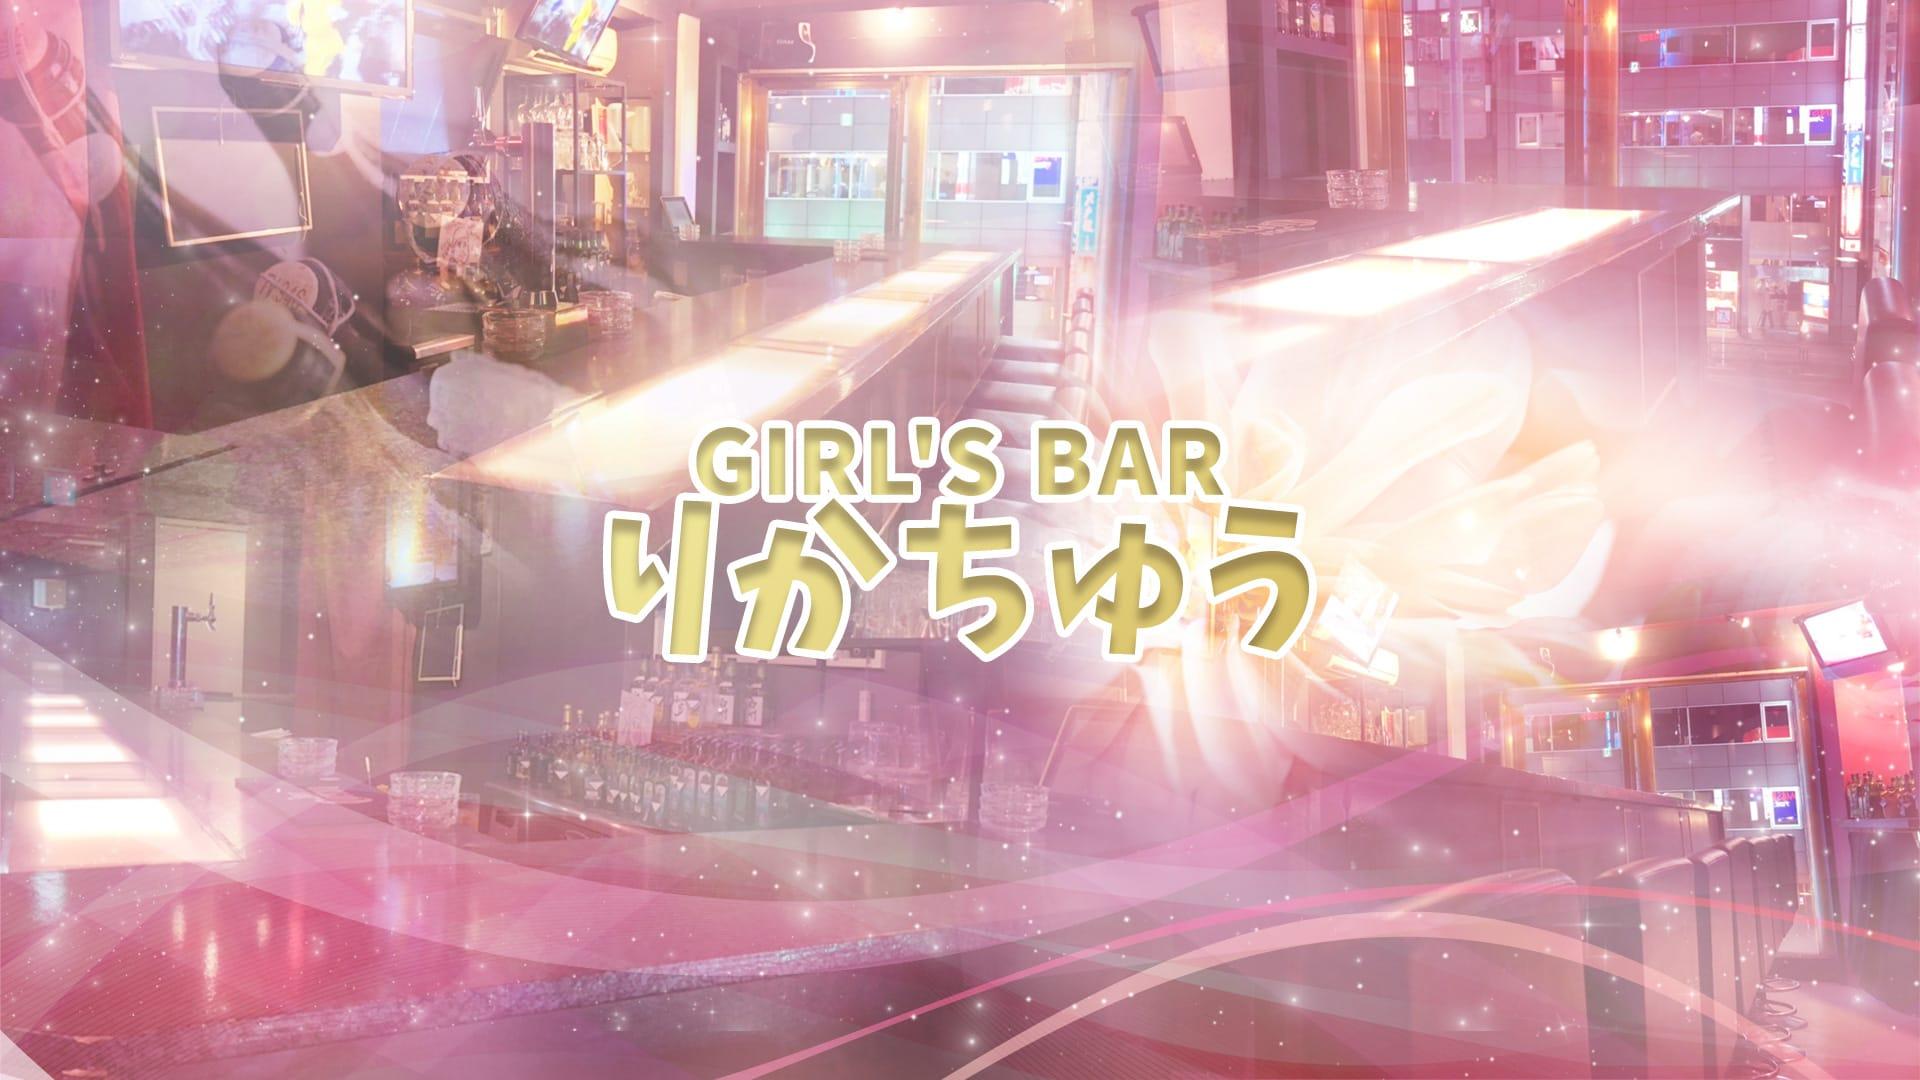 Girl's Barりかちゅう 六本木ガールズバー TOP画像